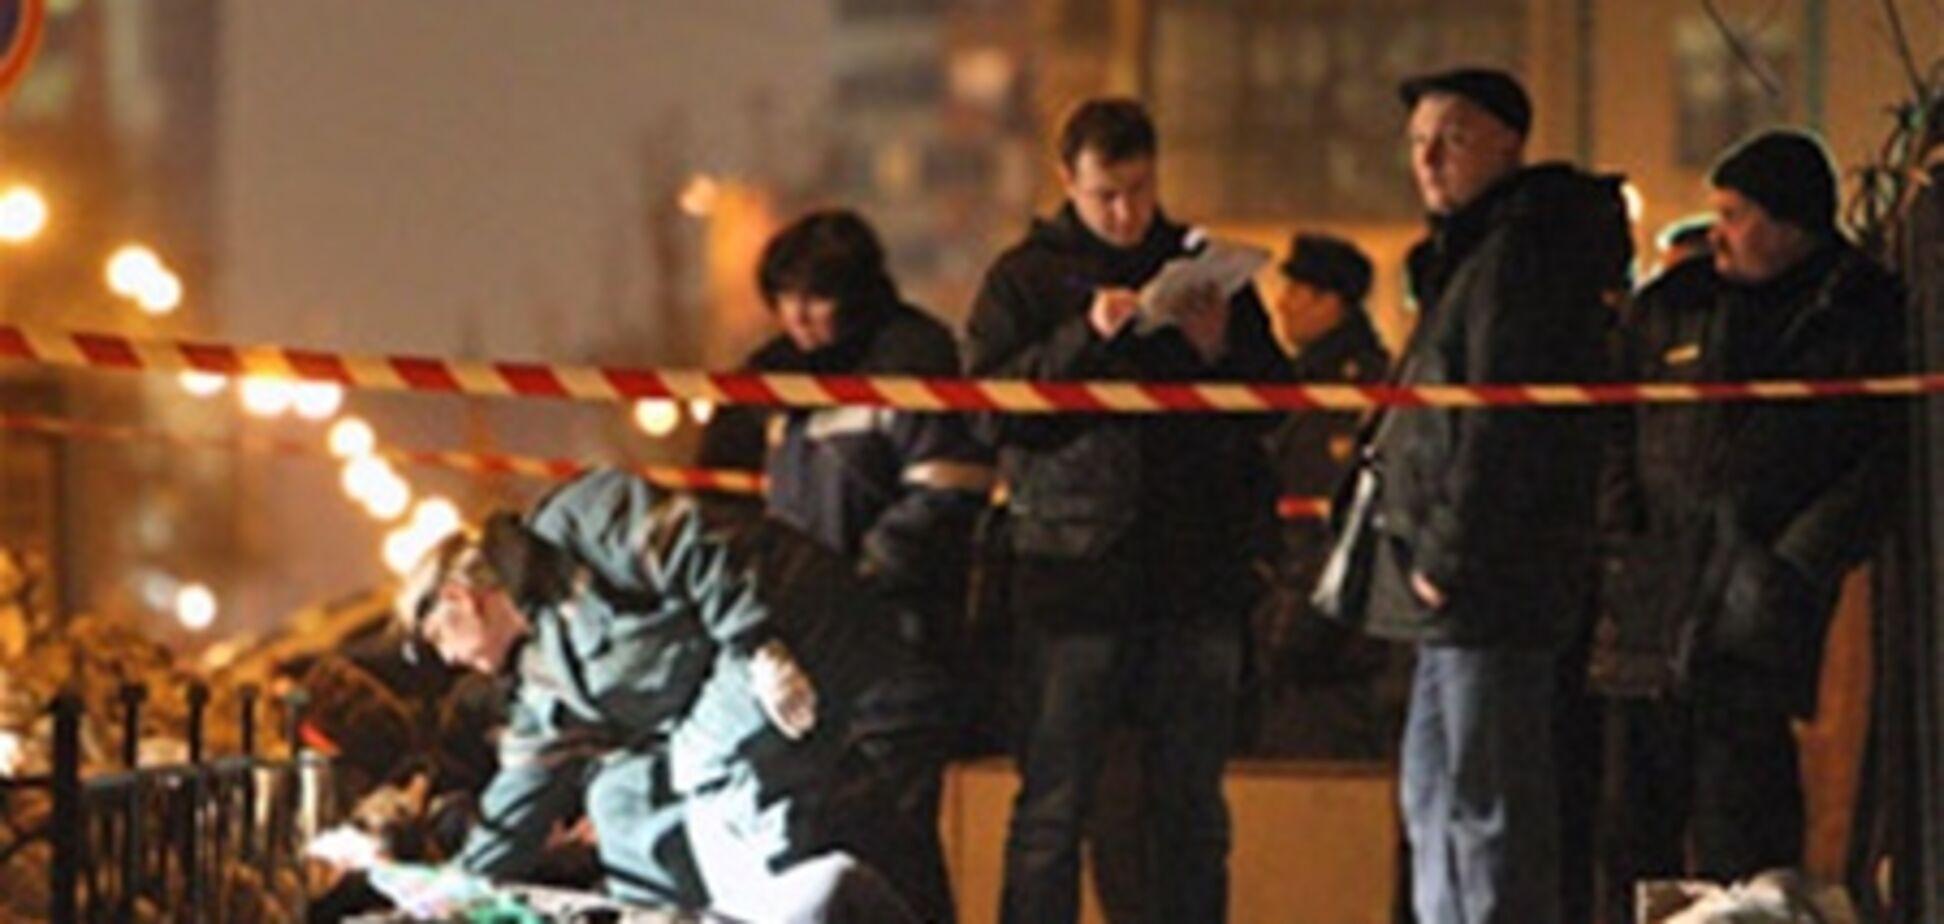 Мужчина застрелил жену и покончил с собой на глазах у детей